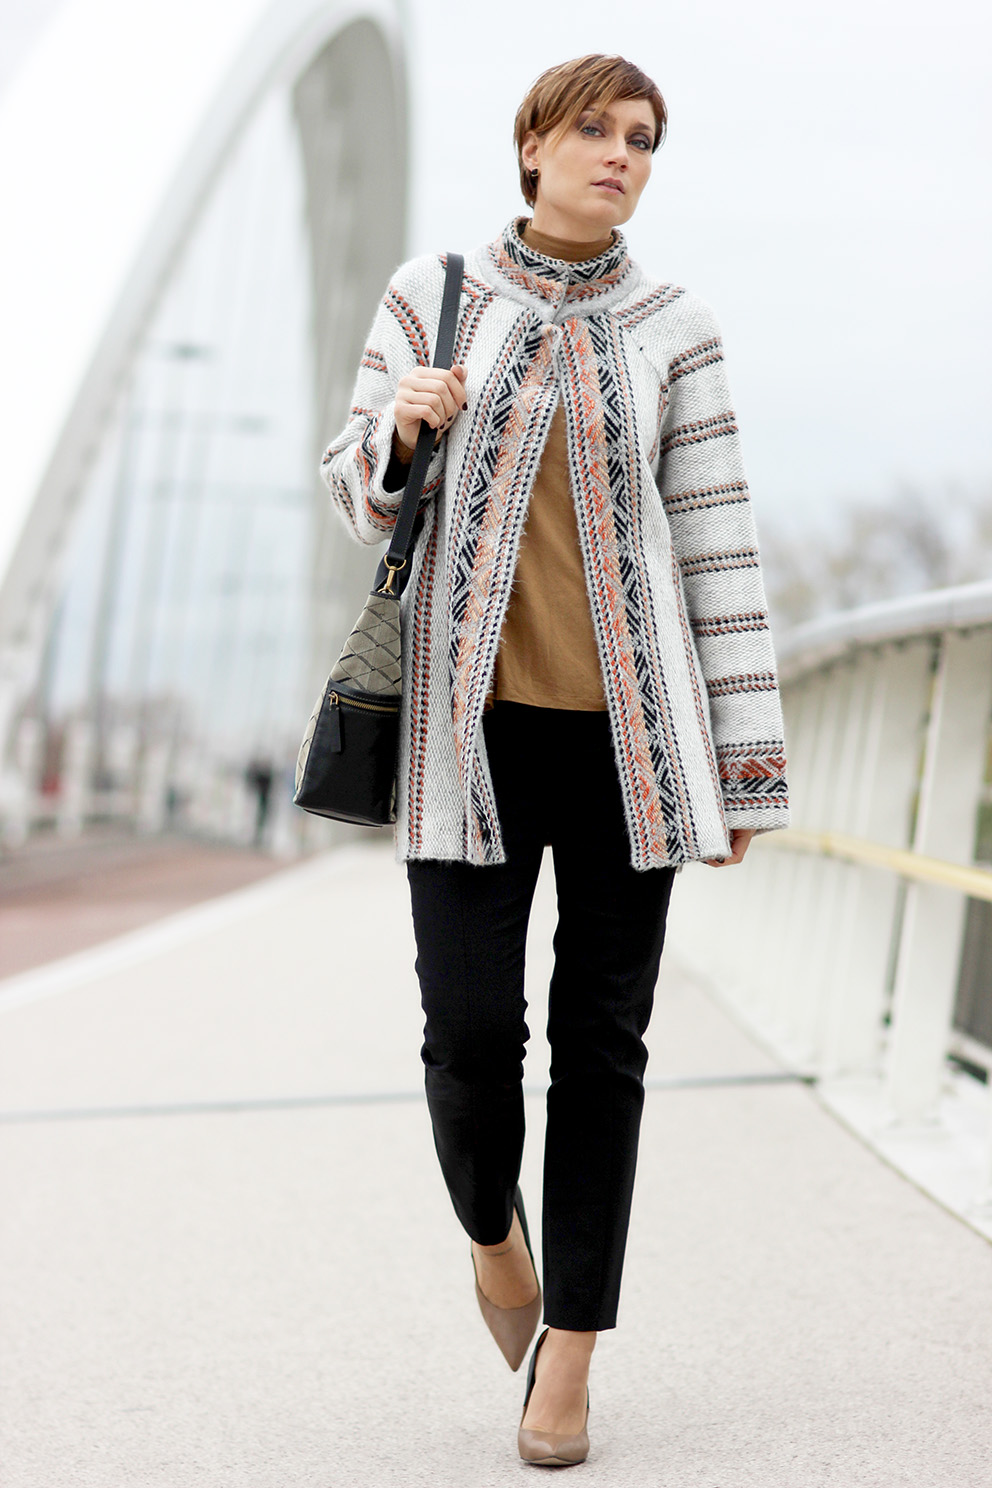 tendance ikat blog mode Lyon Artlex